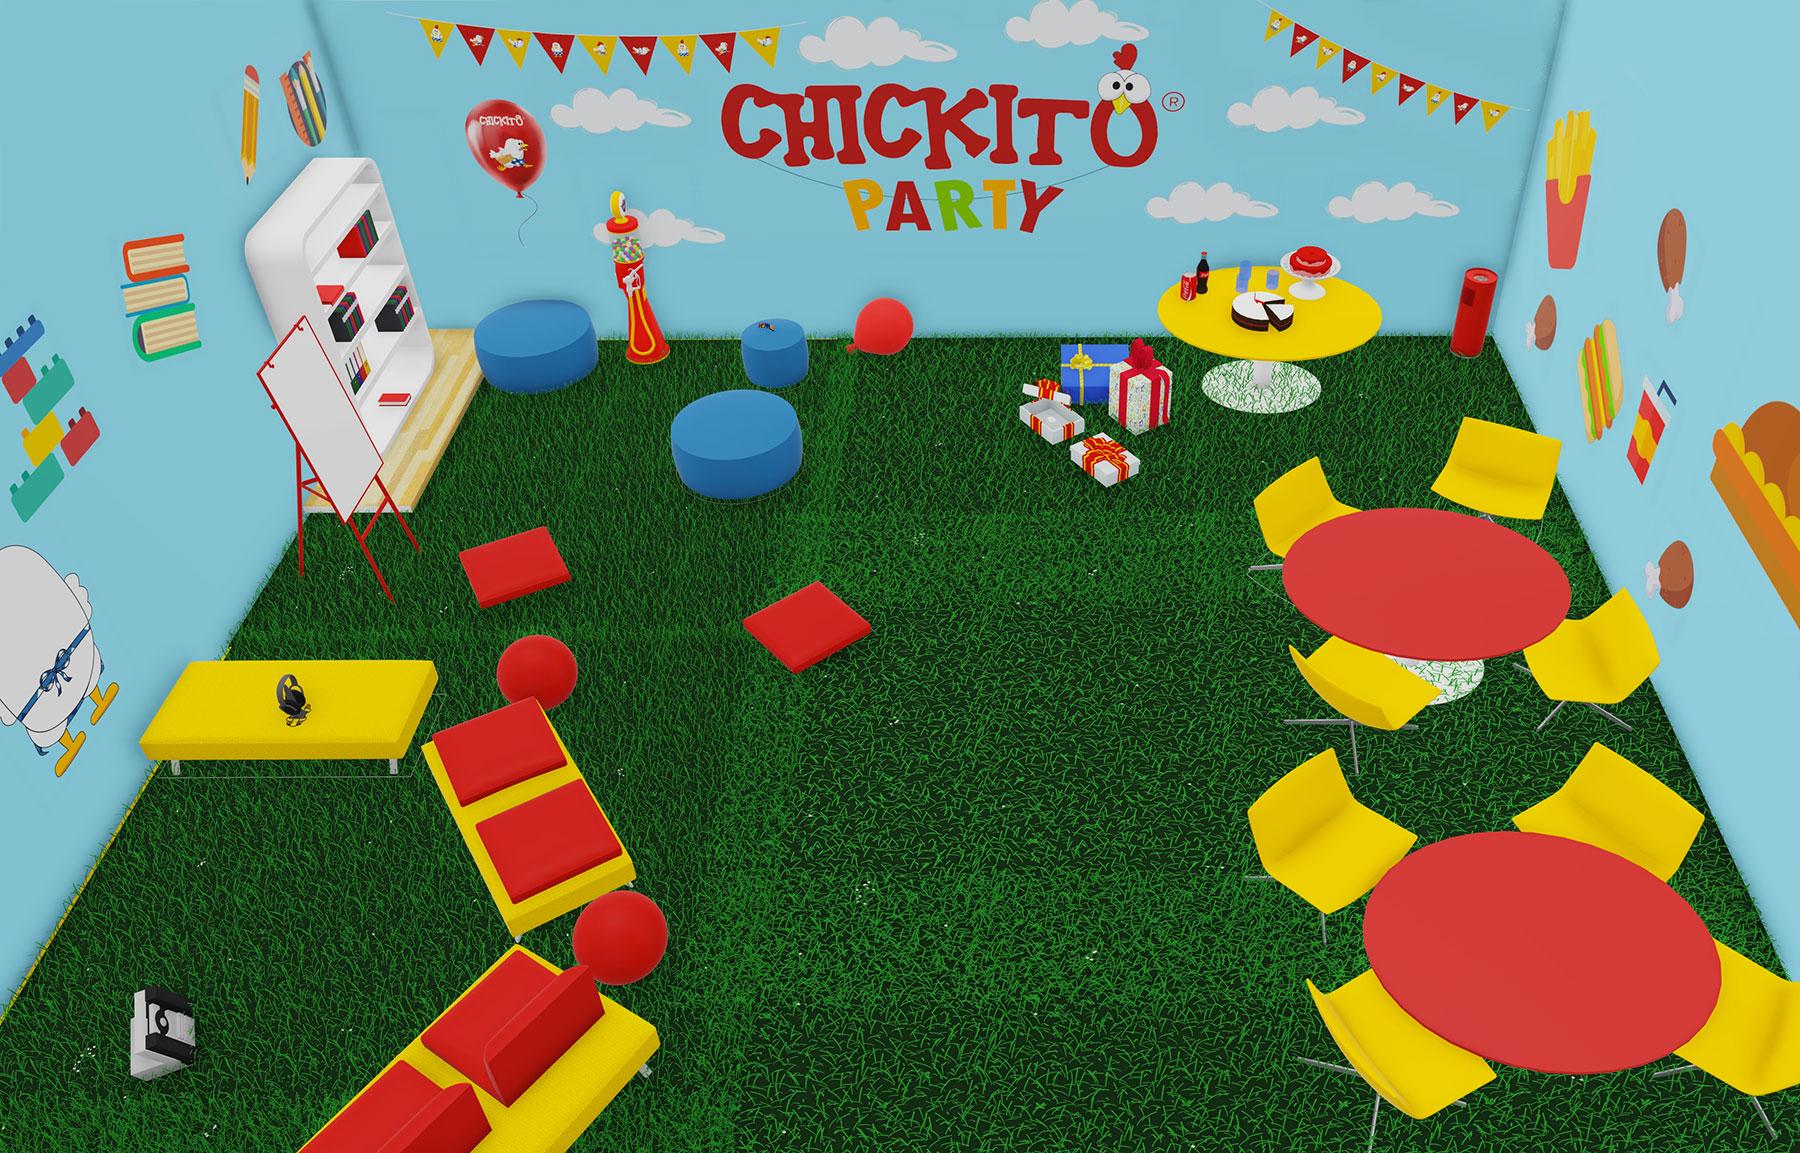 ludoteca-chikito-party